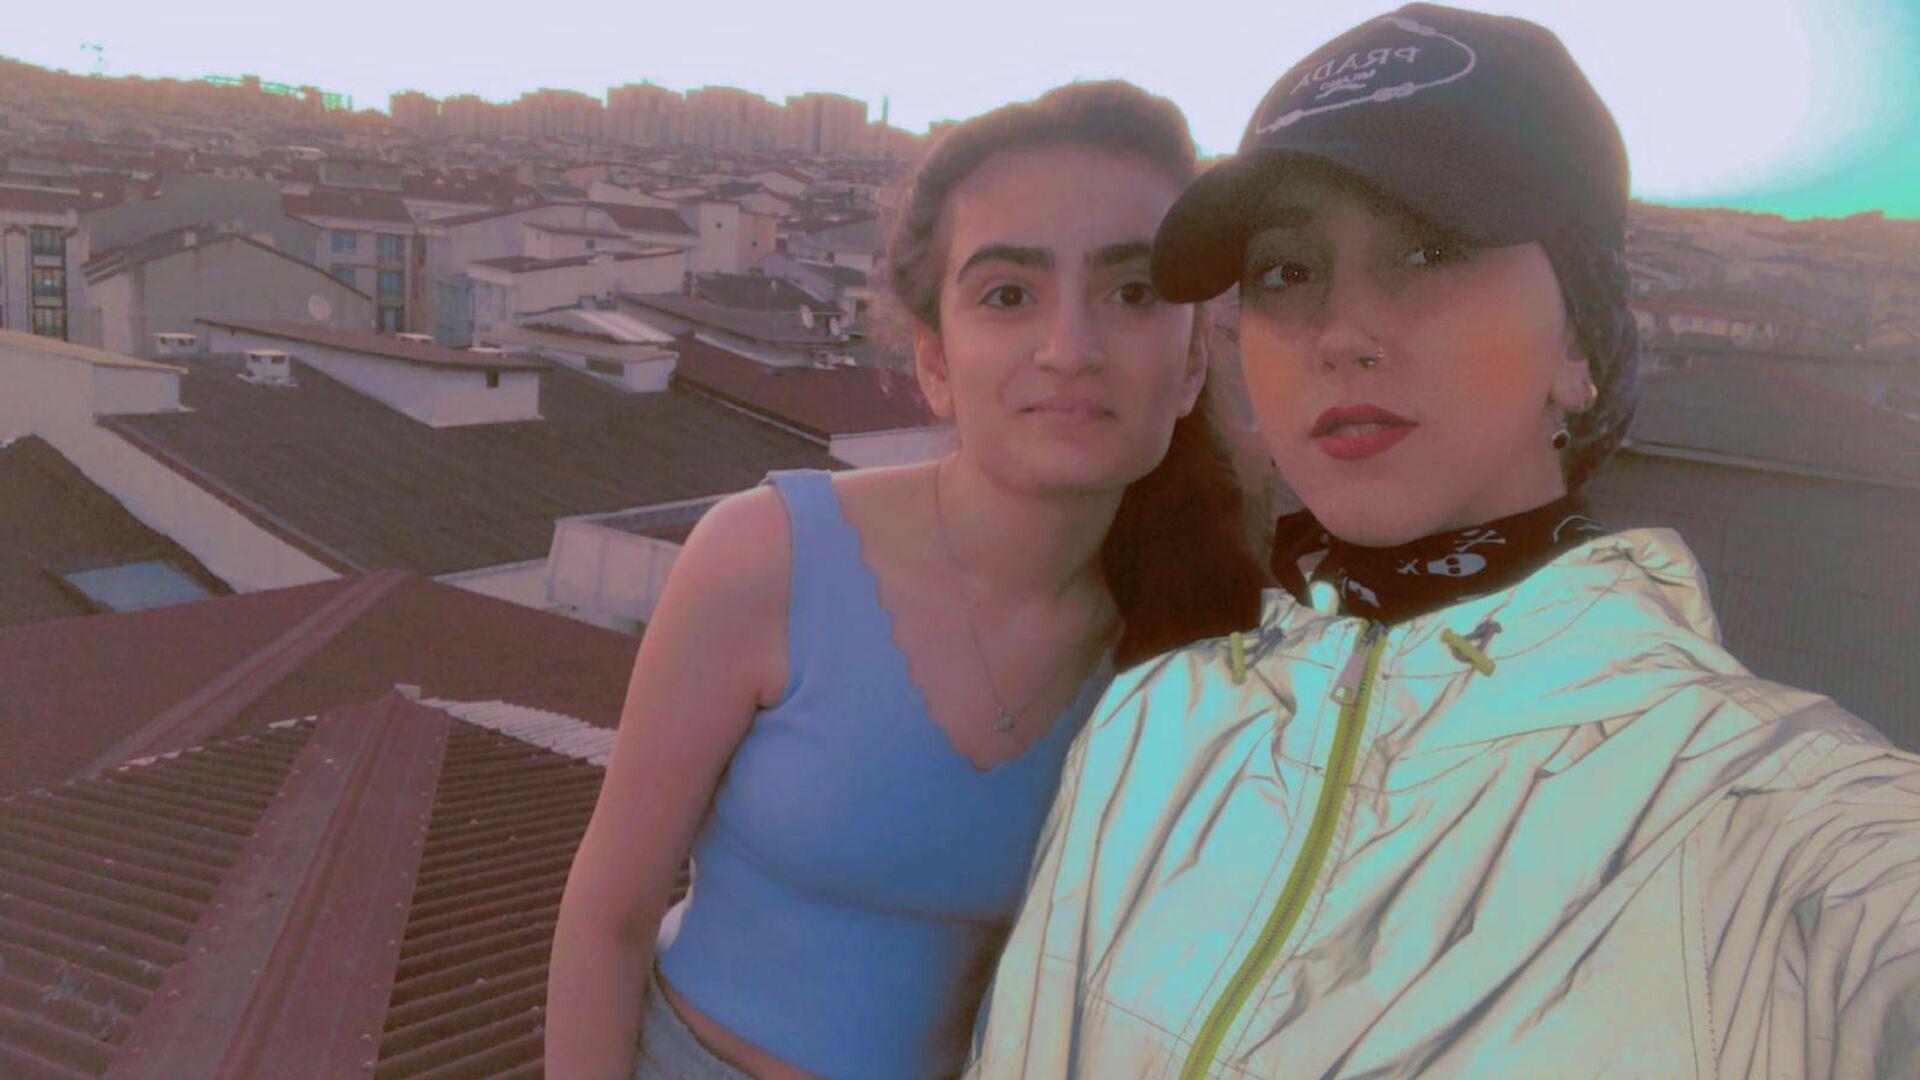 Esenyurt'ta kuzenini ziyarete giden 23 yaşındaki genç kız, bir sosyal medya platformu için video çektiği esnada çatıda bulunan plastik panelin çökmesiyle yaklaşık 50 metreden aşağı düşerek yaşamını yitirdi - Sputnik Türkiye, 1920, 22.08.2021